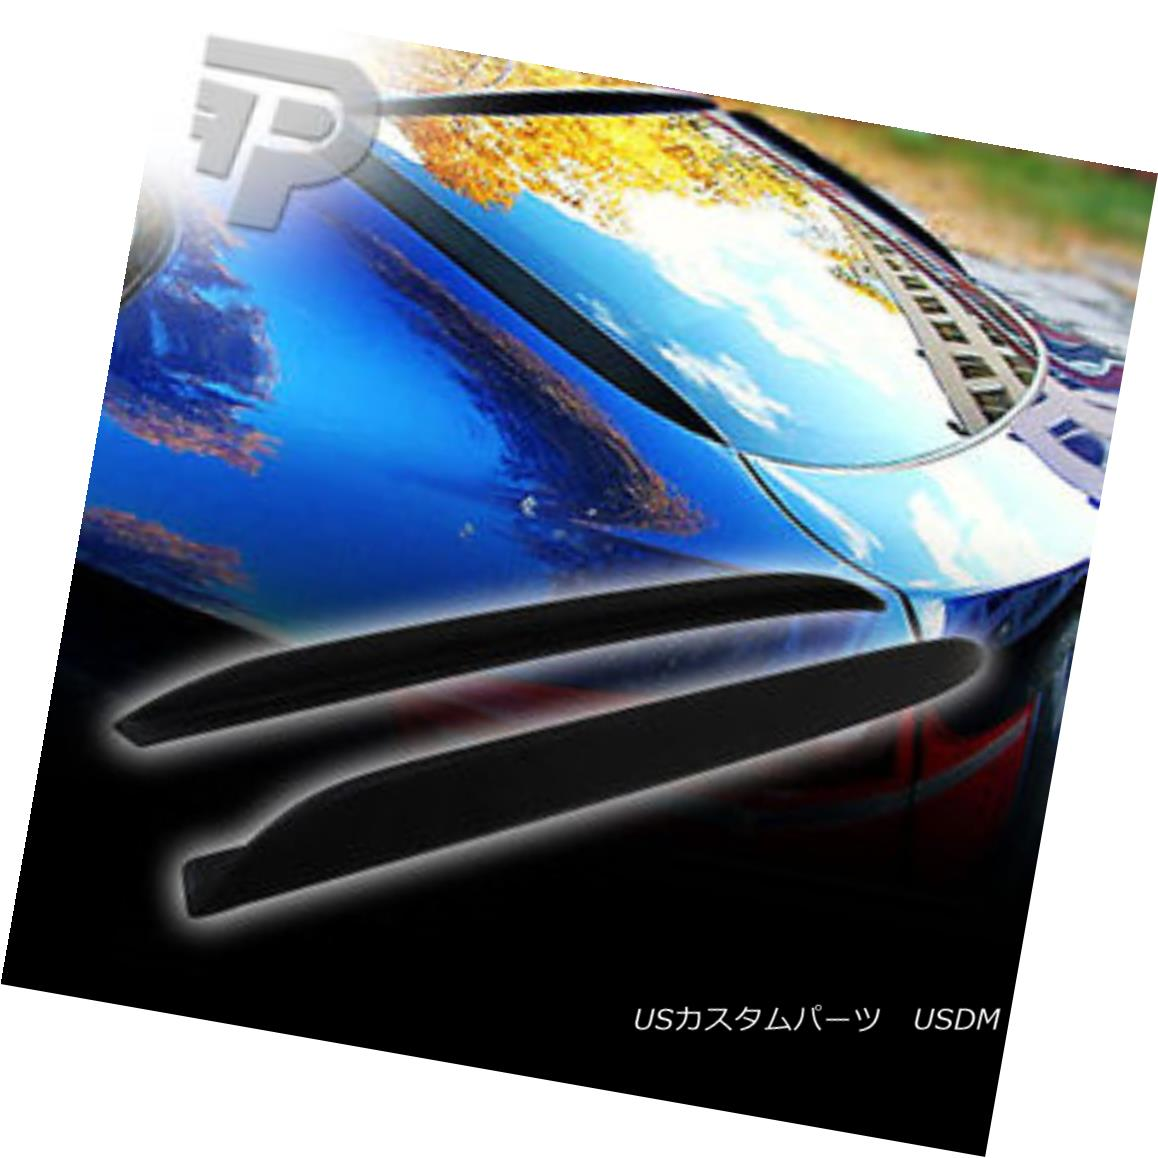 エアロパーツ MATTE BLACK BMW X6 E71 SUV REAR FIN FINS 08-14 マットブラックBMW X6 E71 SUVリアファインフィン08-14